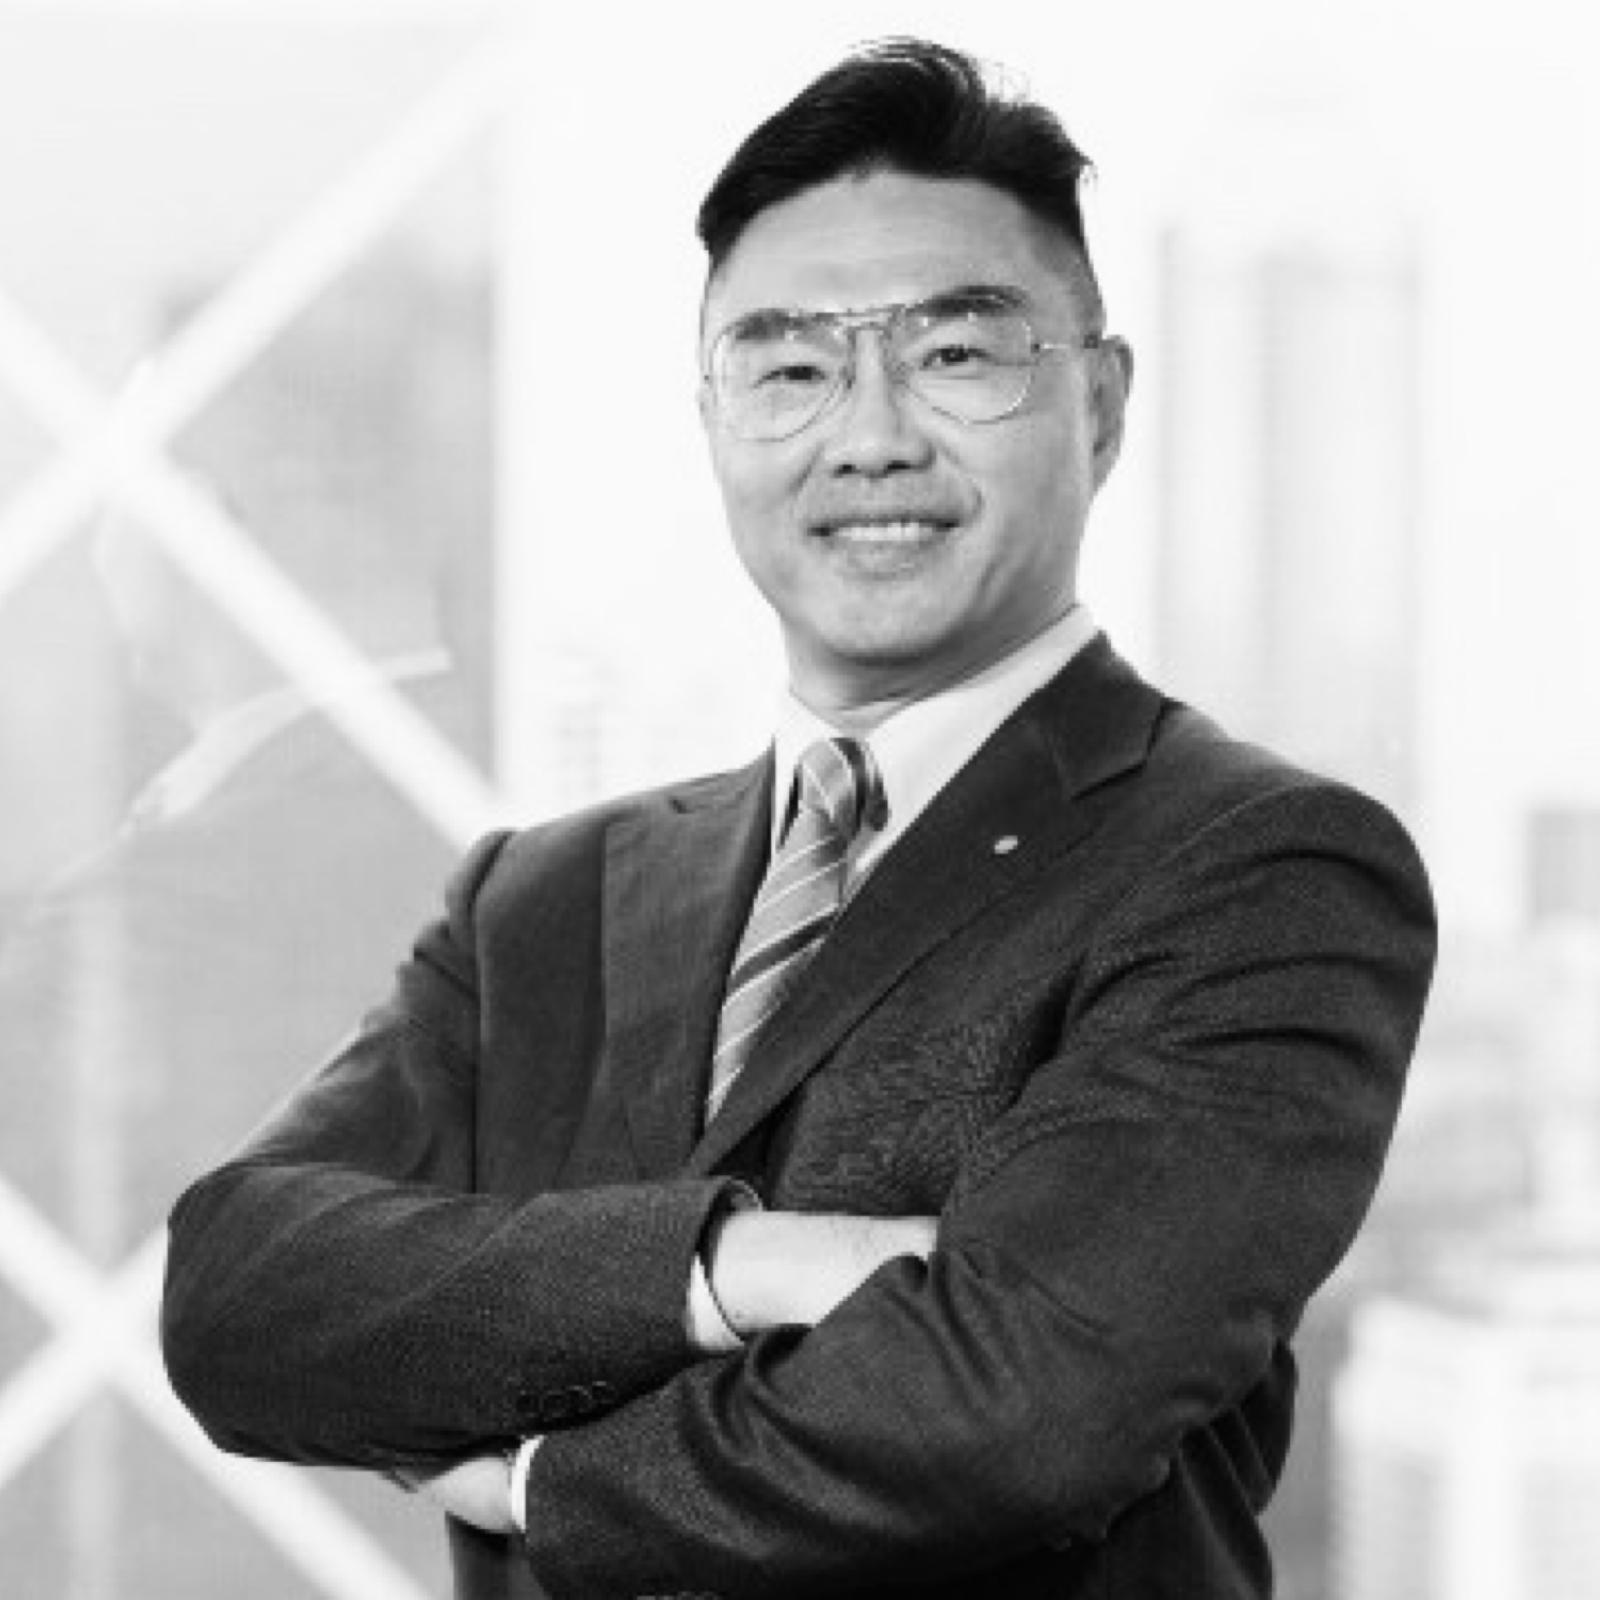 Peter Koo